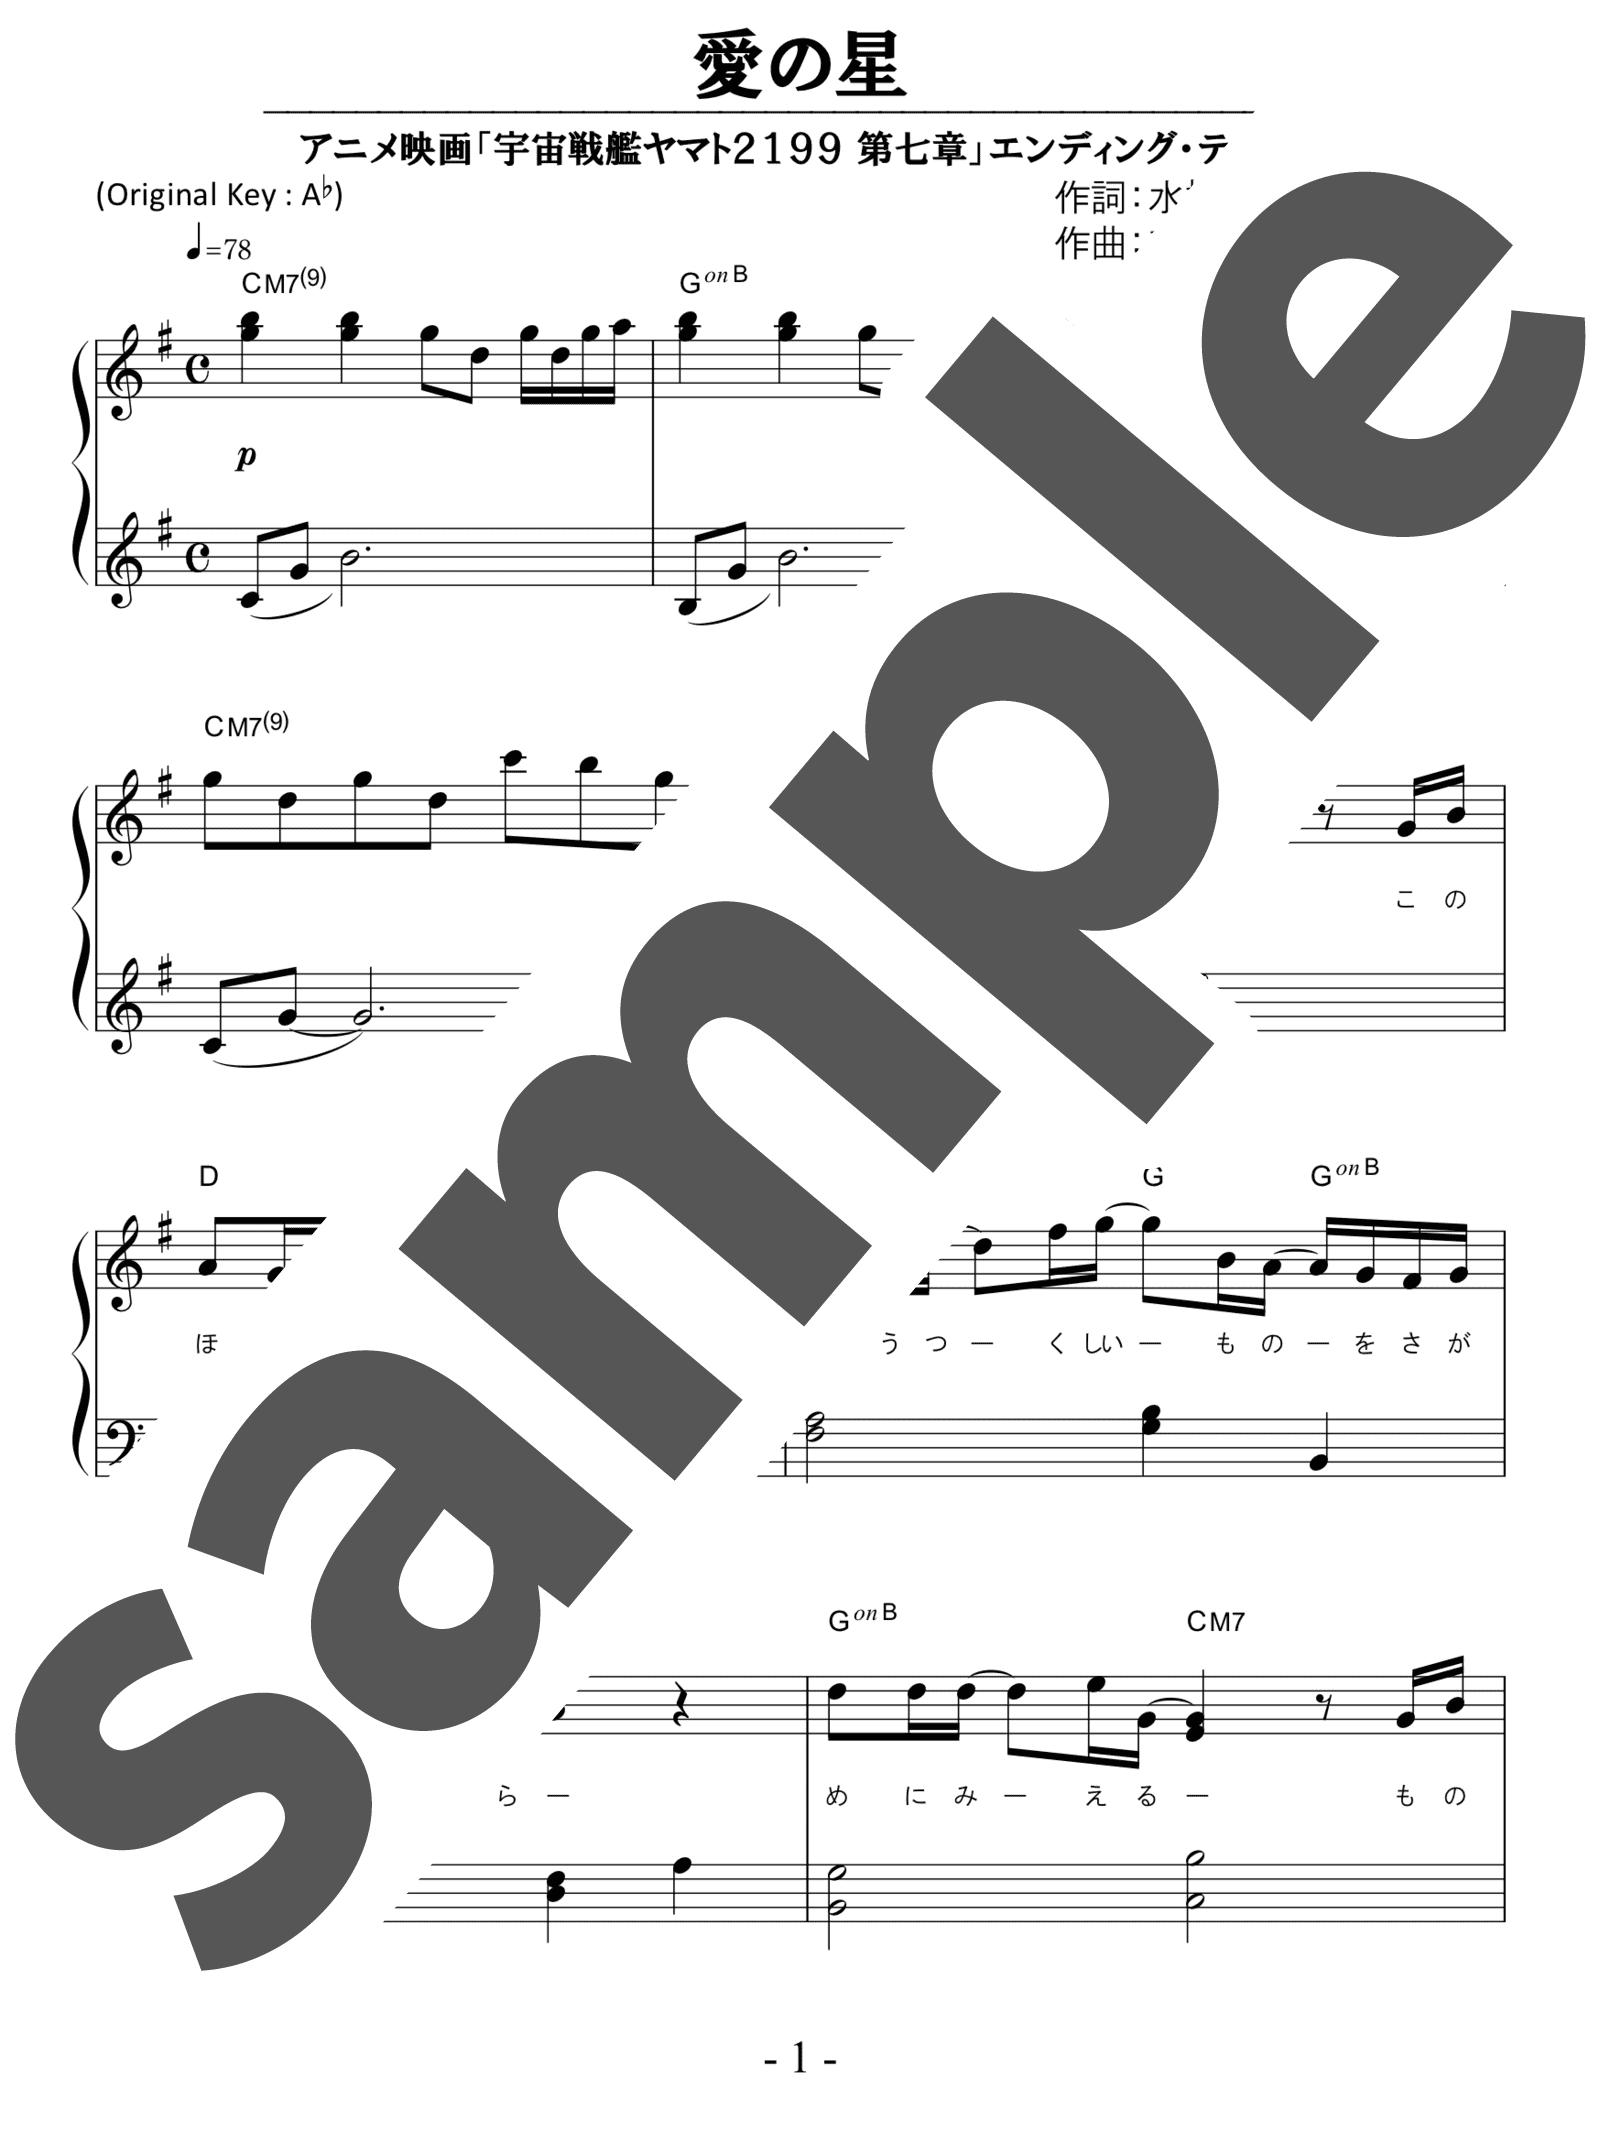 「愛の星」のサンプル楽譜